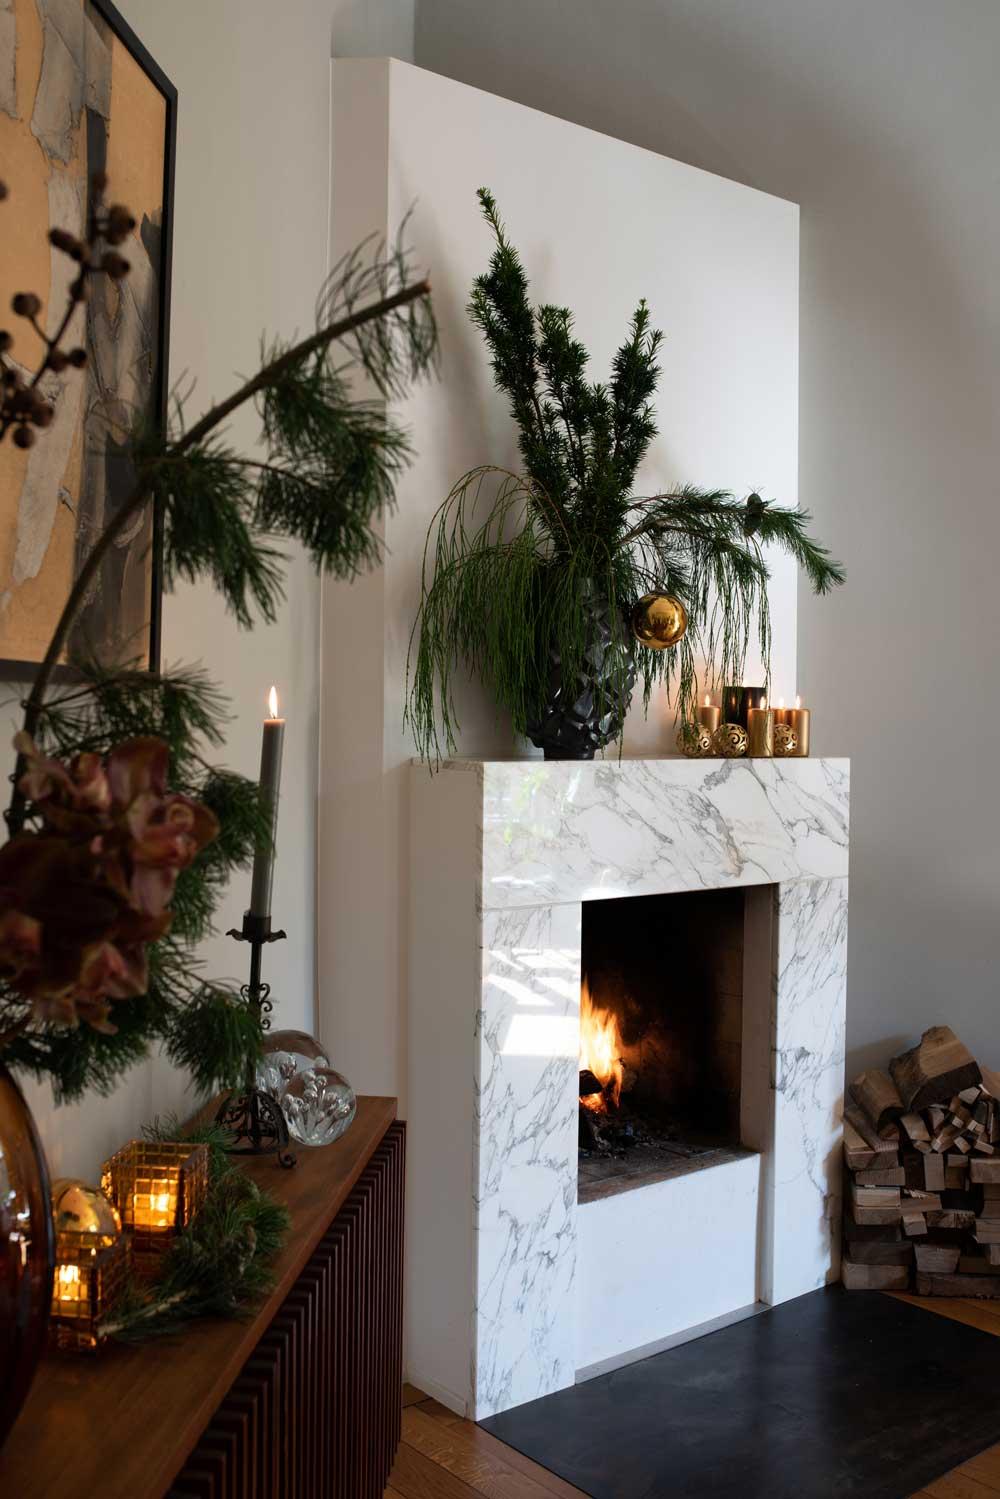 nachhaltige-weihnachtsdeko-wohnen-sabine-stelling-hamburg-mirjam-fruscella-kamin-decohome.de_